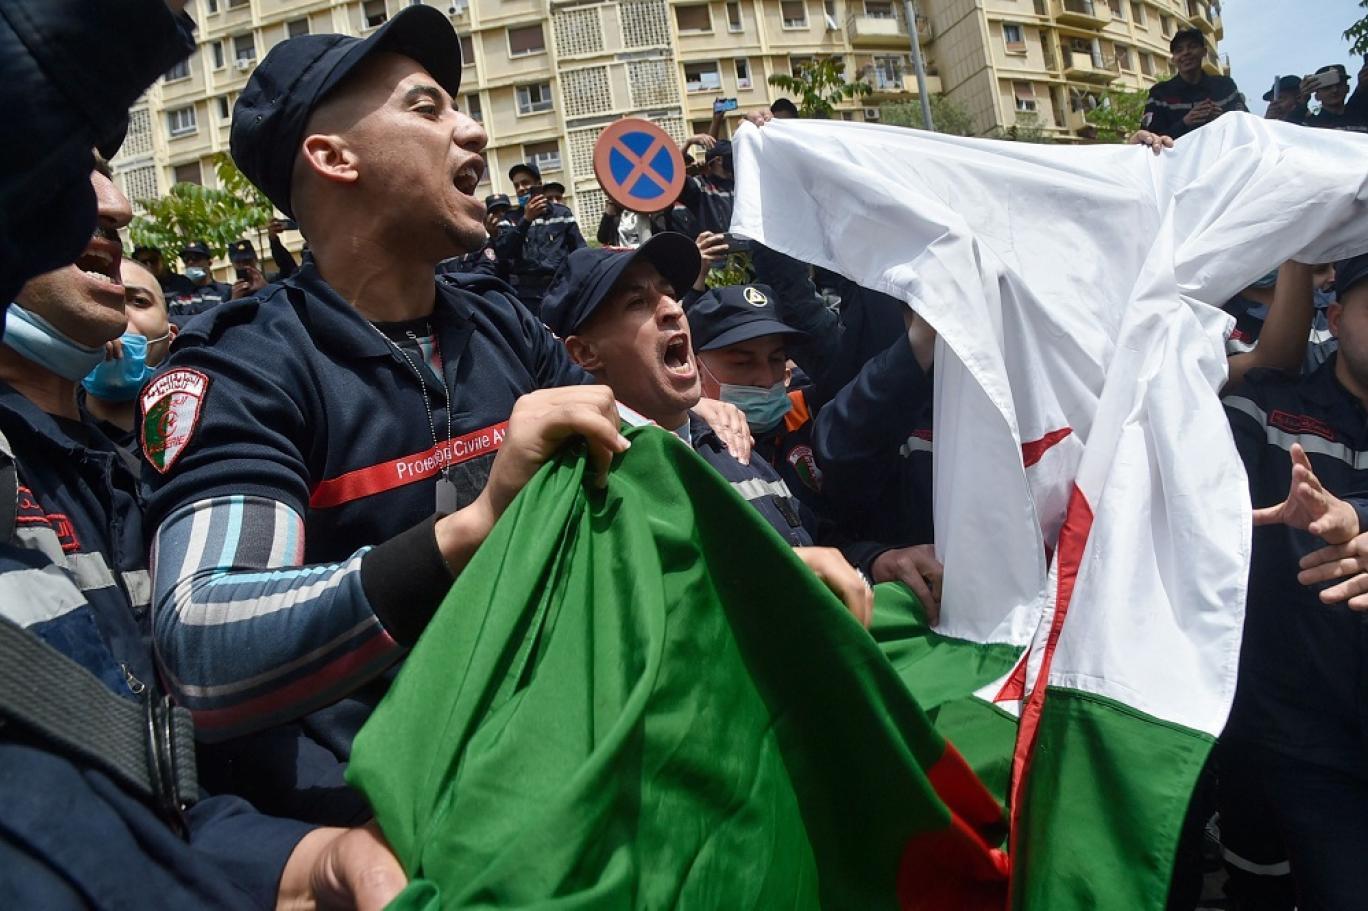 الداخلية الجزائرية توقف 230 إطفائيا عن العمل لمشاركتهم في مظاهرة